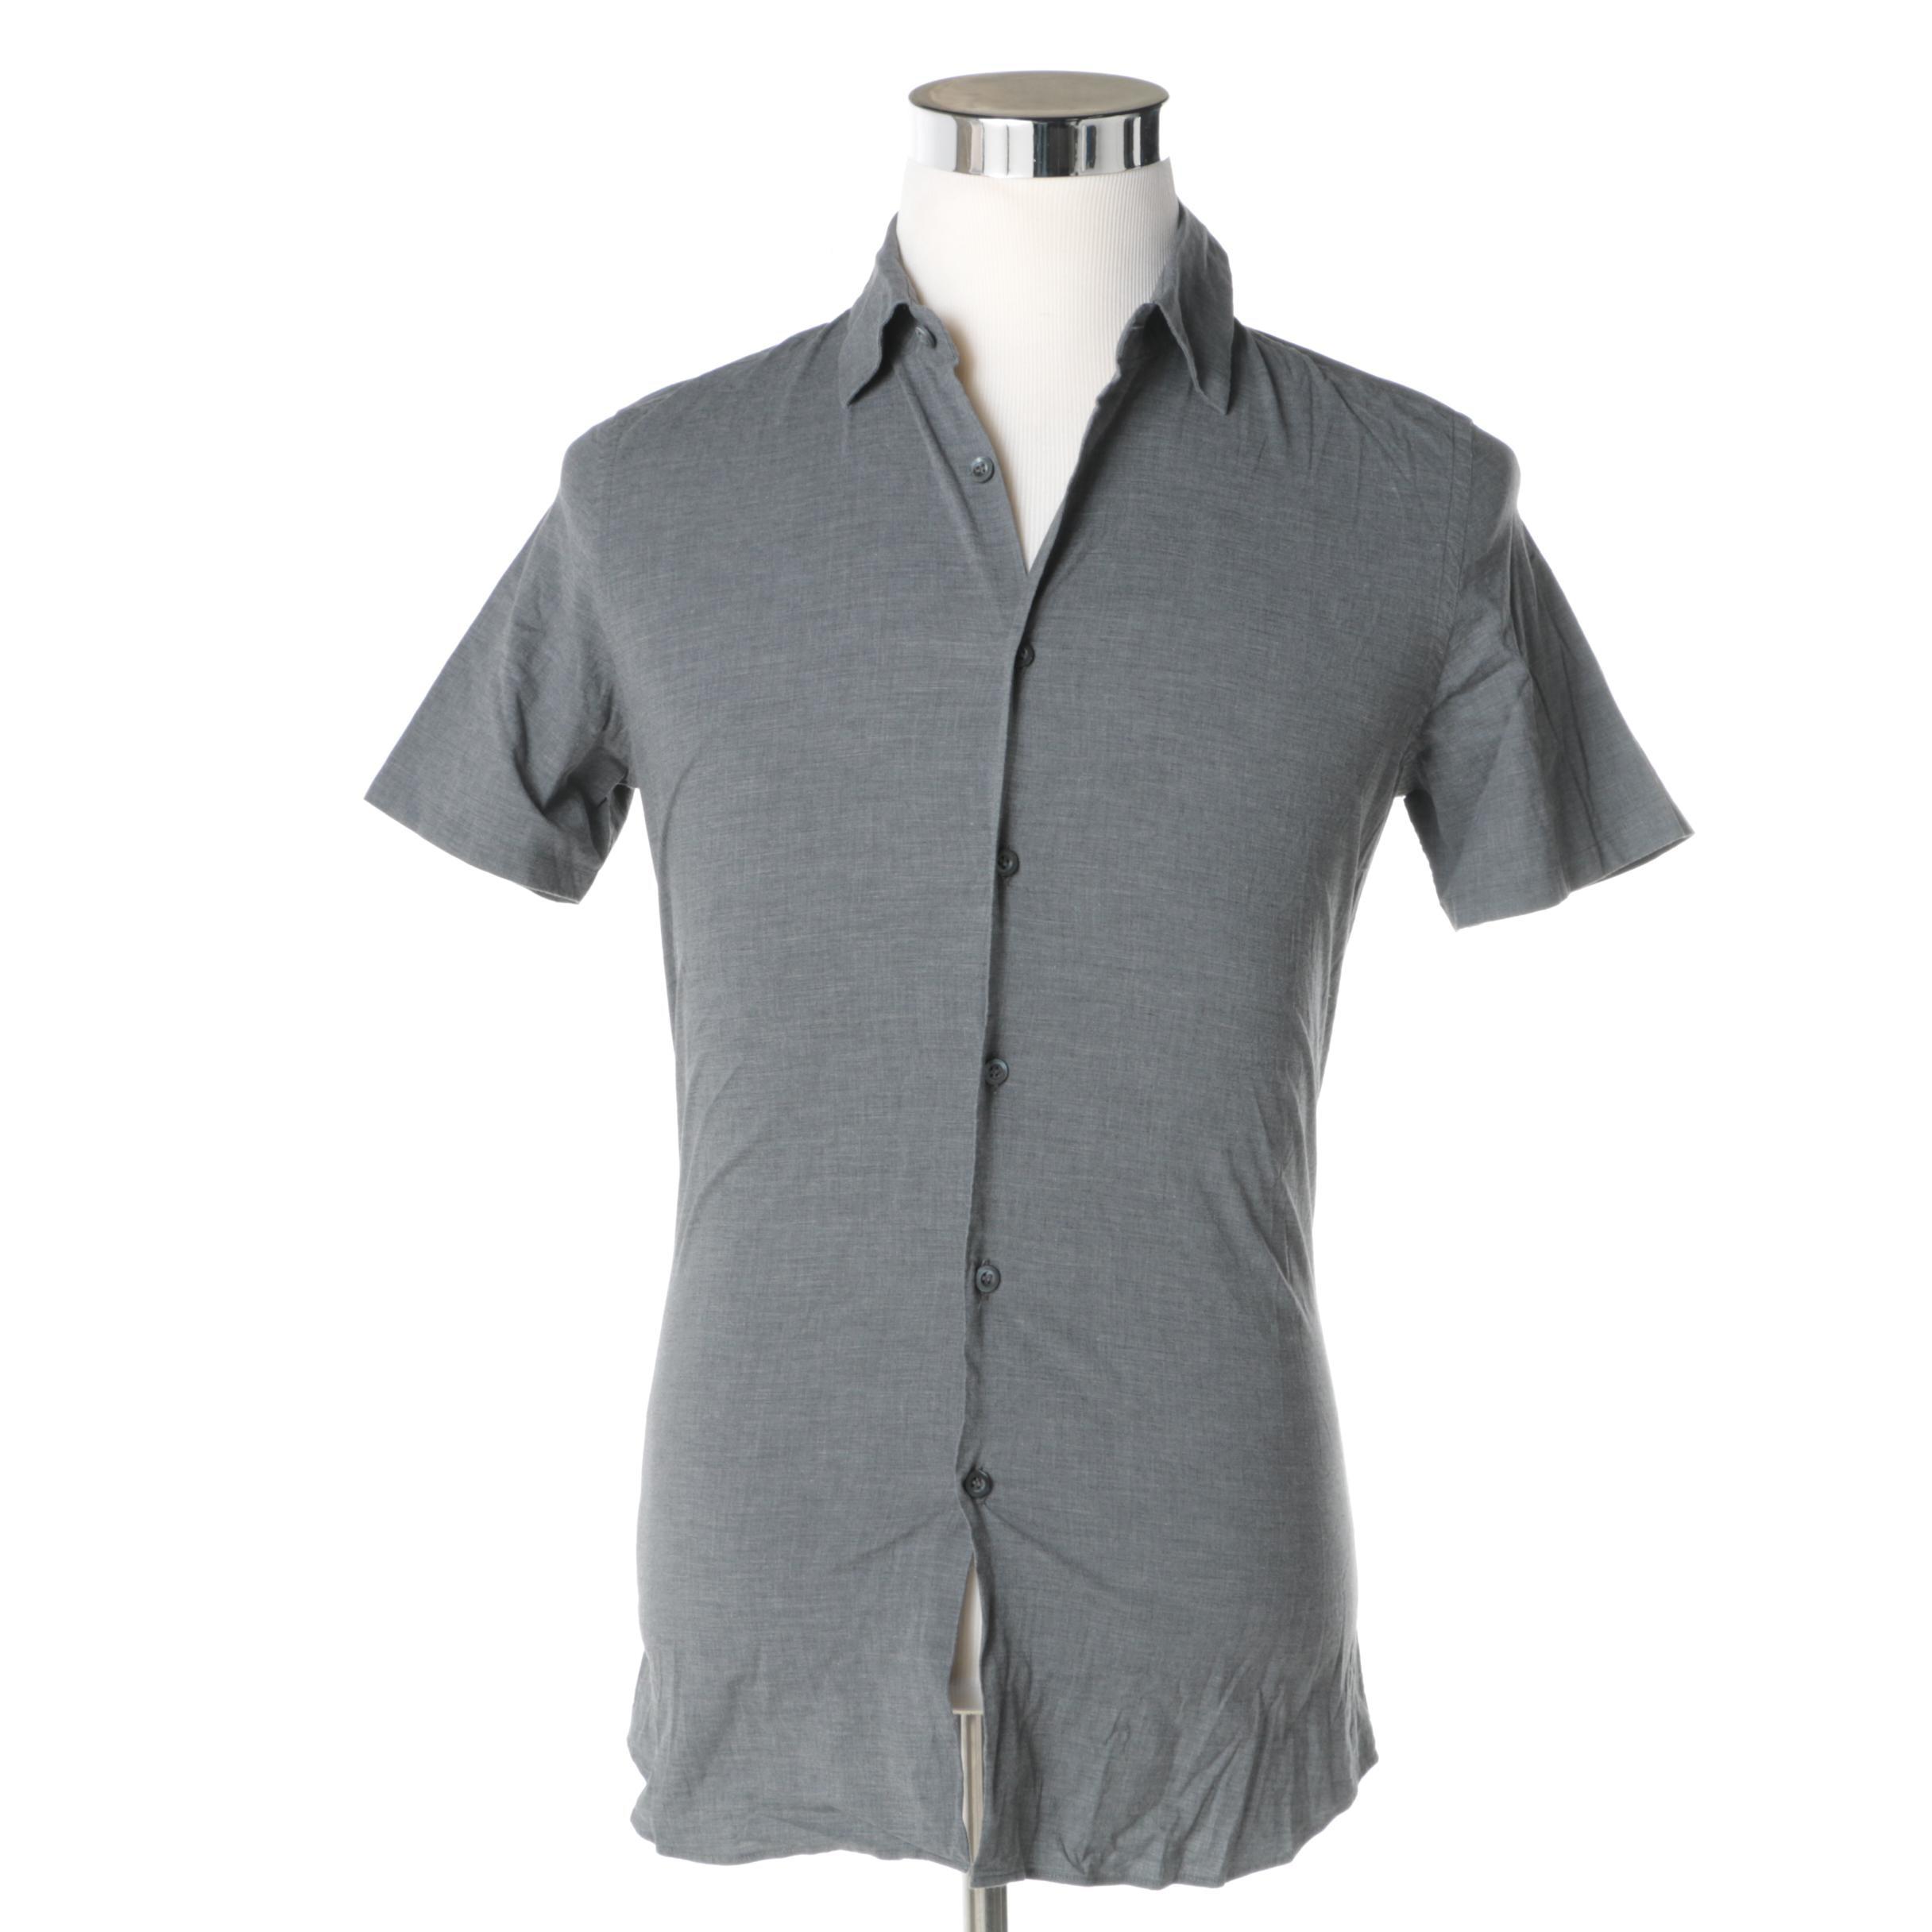 Men's Prada Short-Sleeved Button Up Shirt